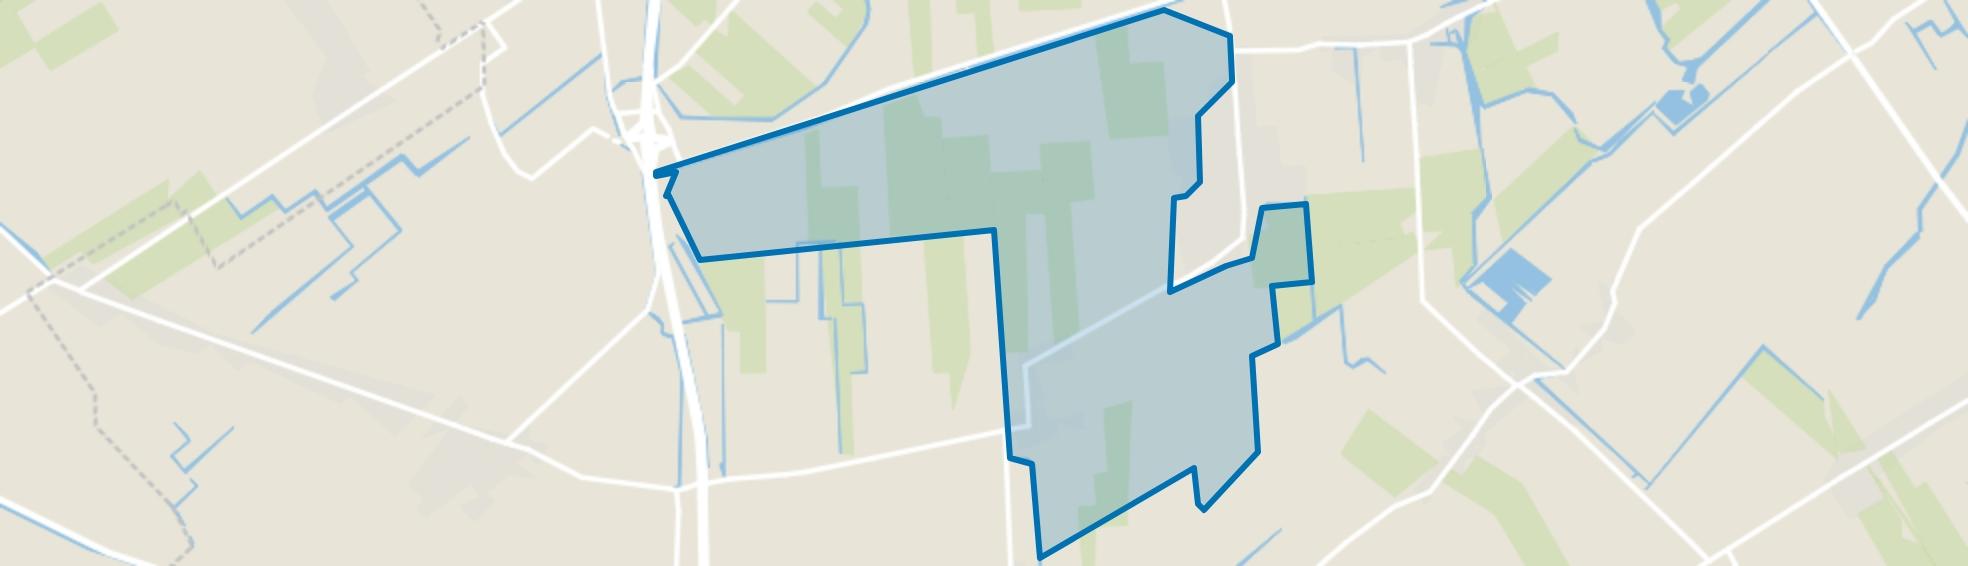 Midwoud Buitengebied, Midwoud map